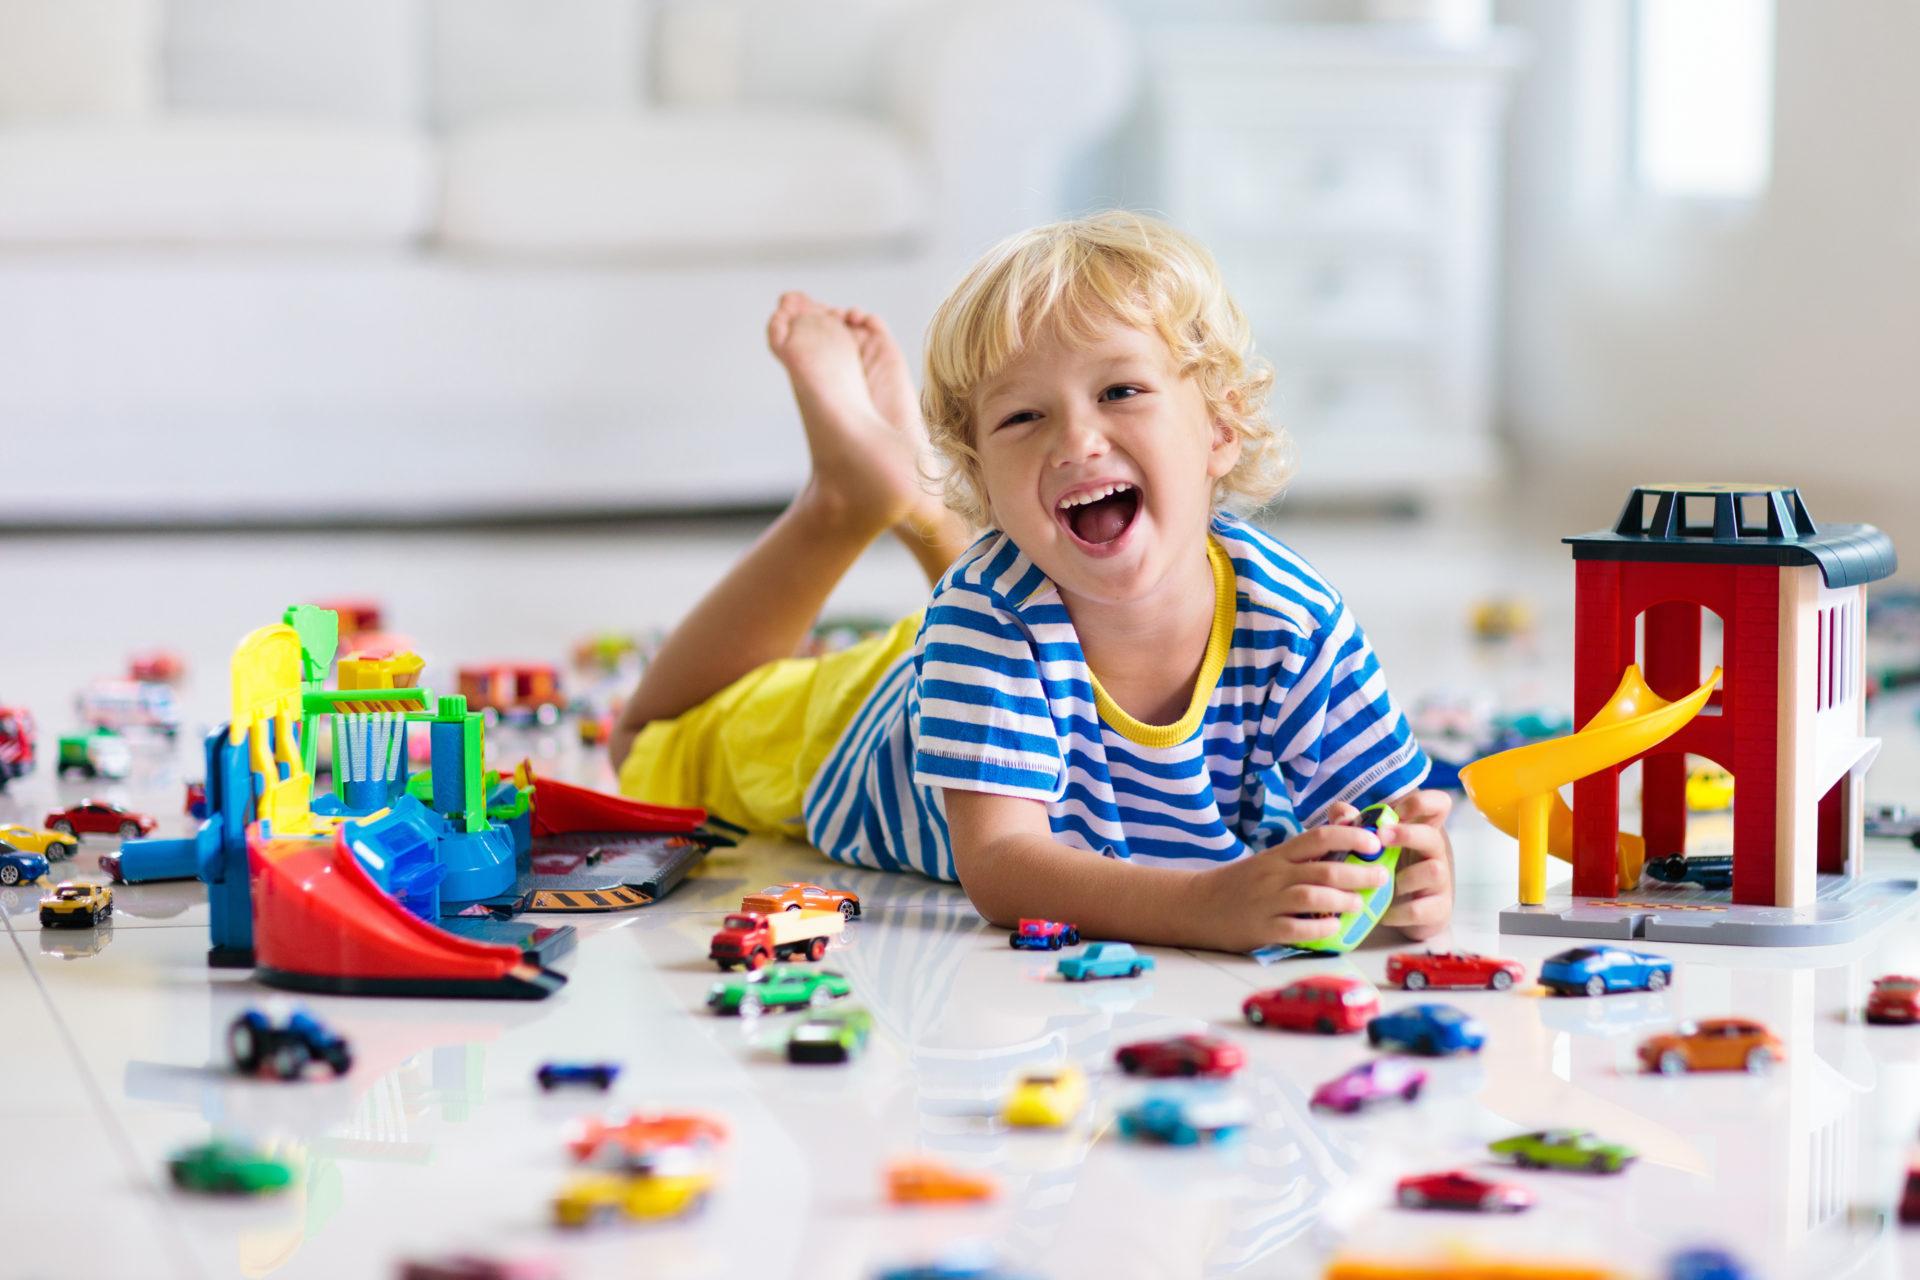 Jeu Eveil Enfant, Jouet Eveil Enfant, Cadeau D'eveil Pour intérieur Jouet Pour Enfant De 2 Ans